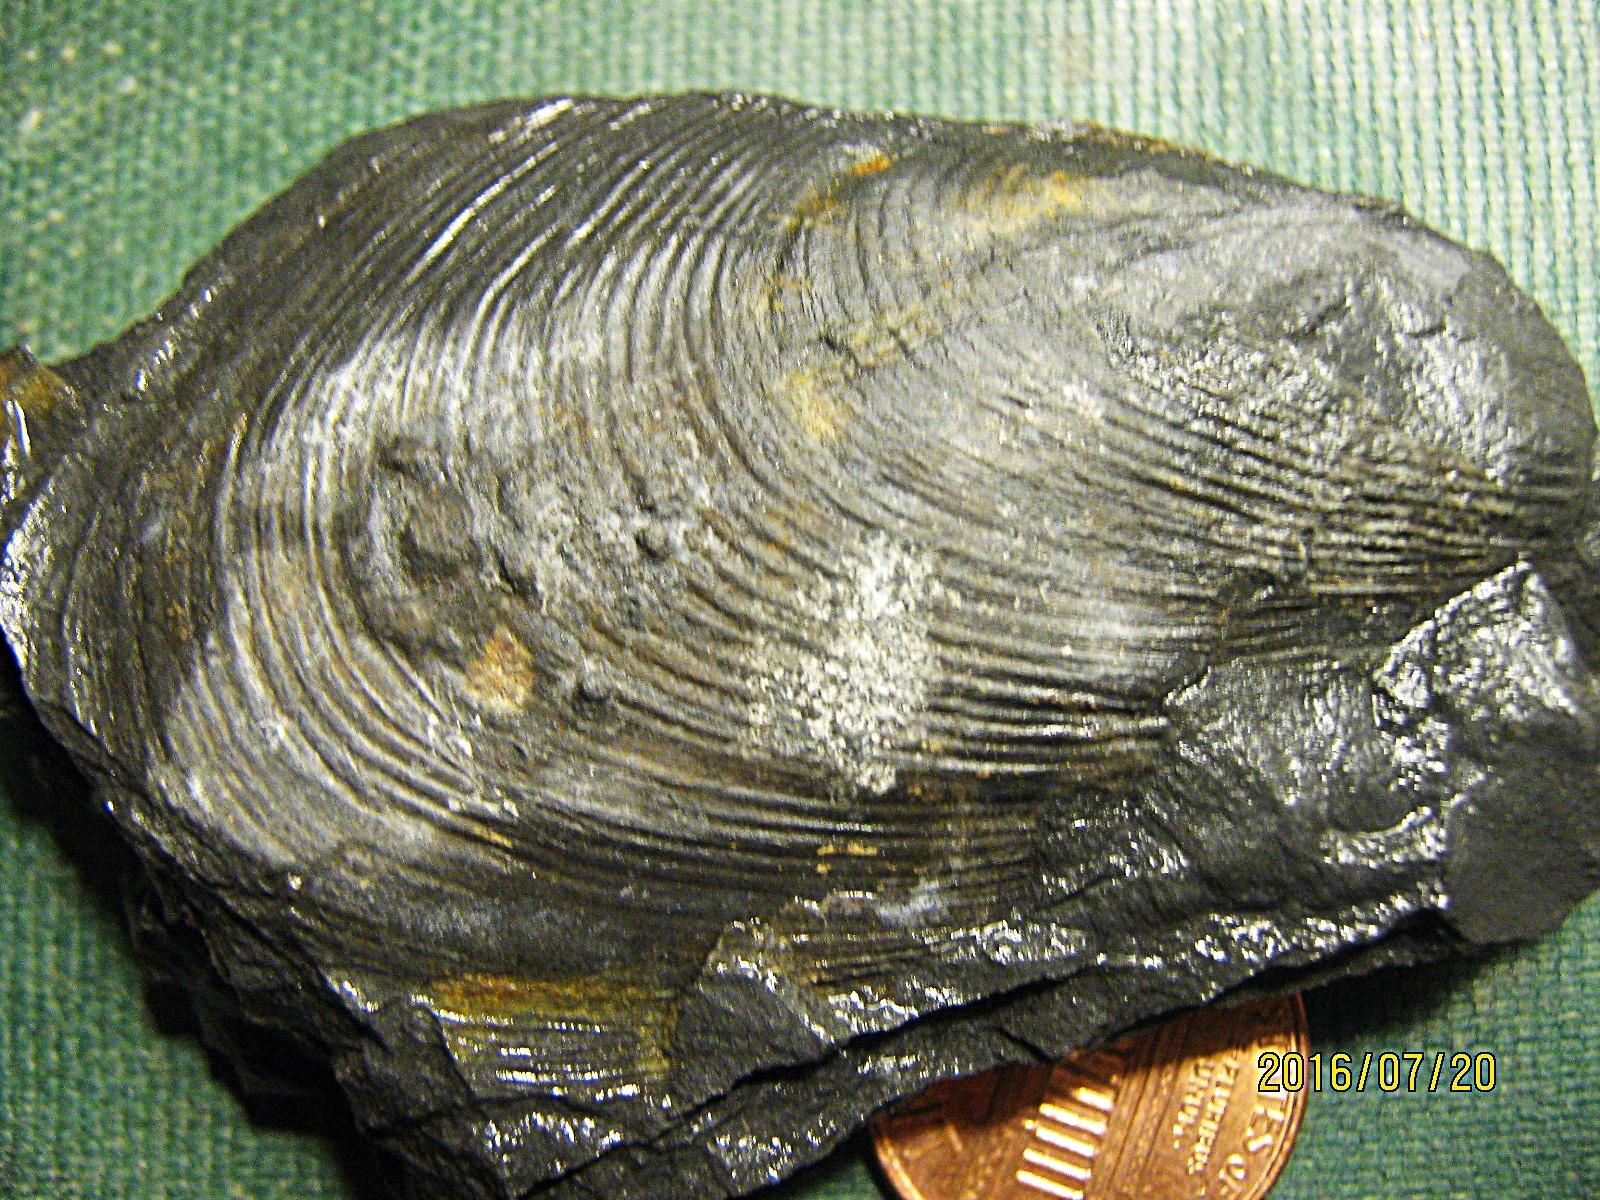 Palaeoheterodonta Bivalve from Madison Co., NY.